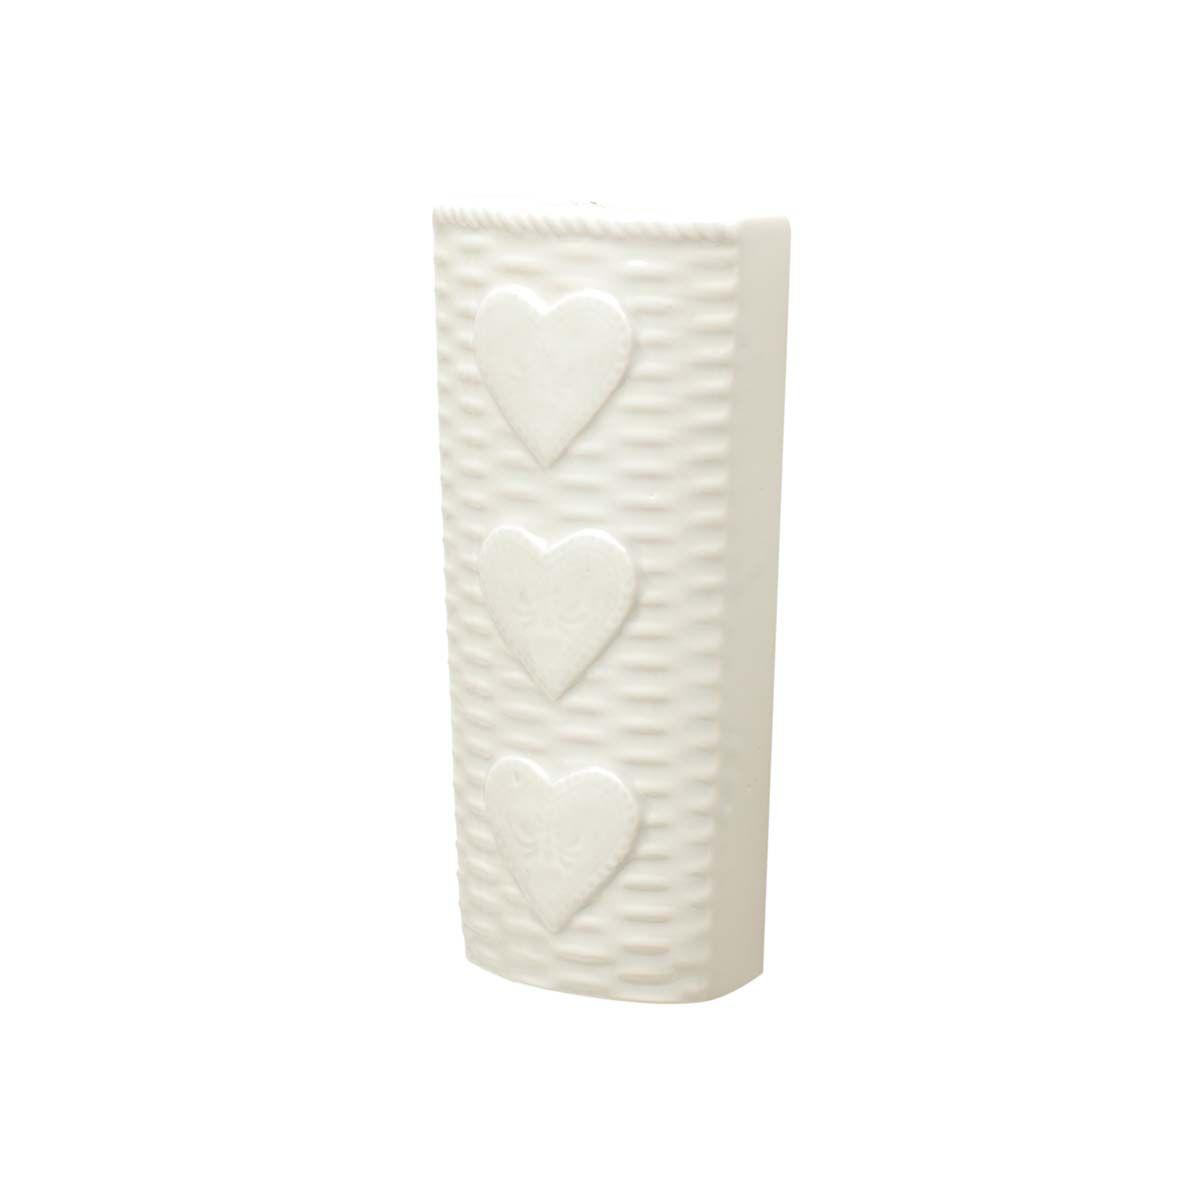 Vaso de Parede Cerâmica Decorativo Coração Bege